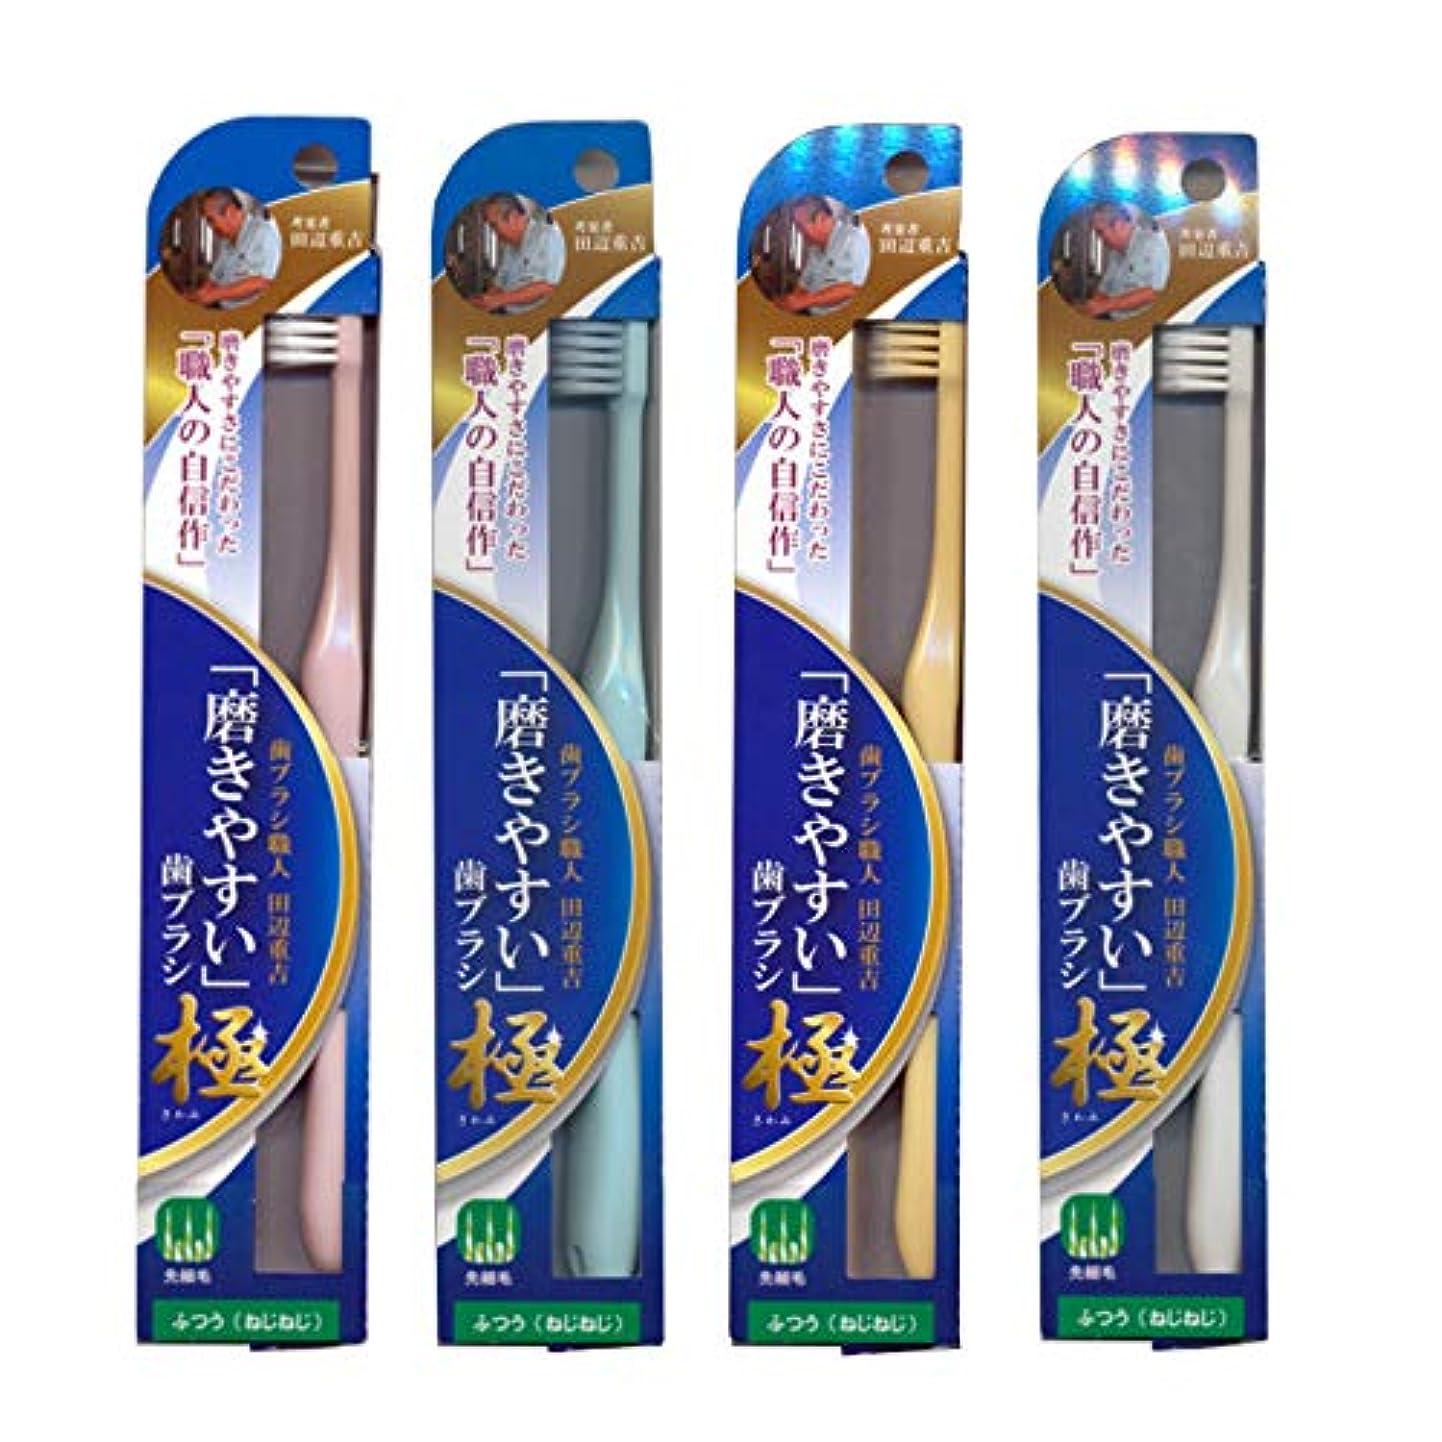 チロあたたかい昇る磨きやすい歯ブラシ極 (ふつう ねじねじ) LT-45×12本セット(ピンク×3、ブルー×3、ホワイト×3、イエロー×3) 先細毛